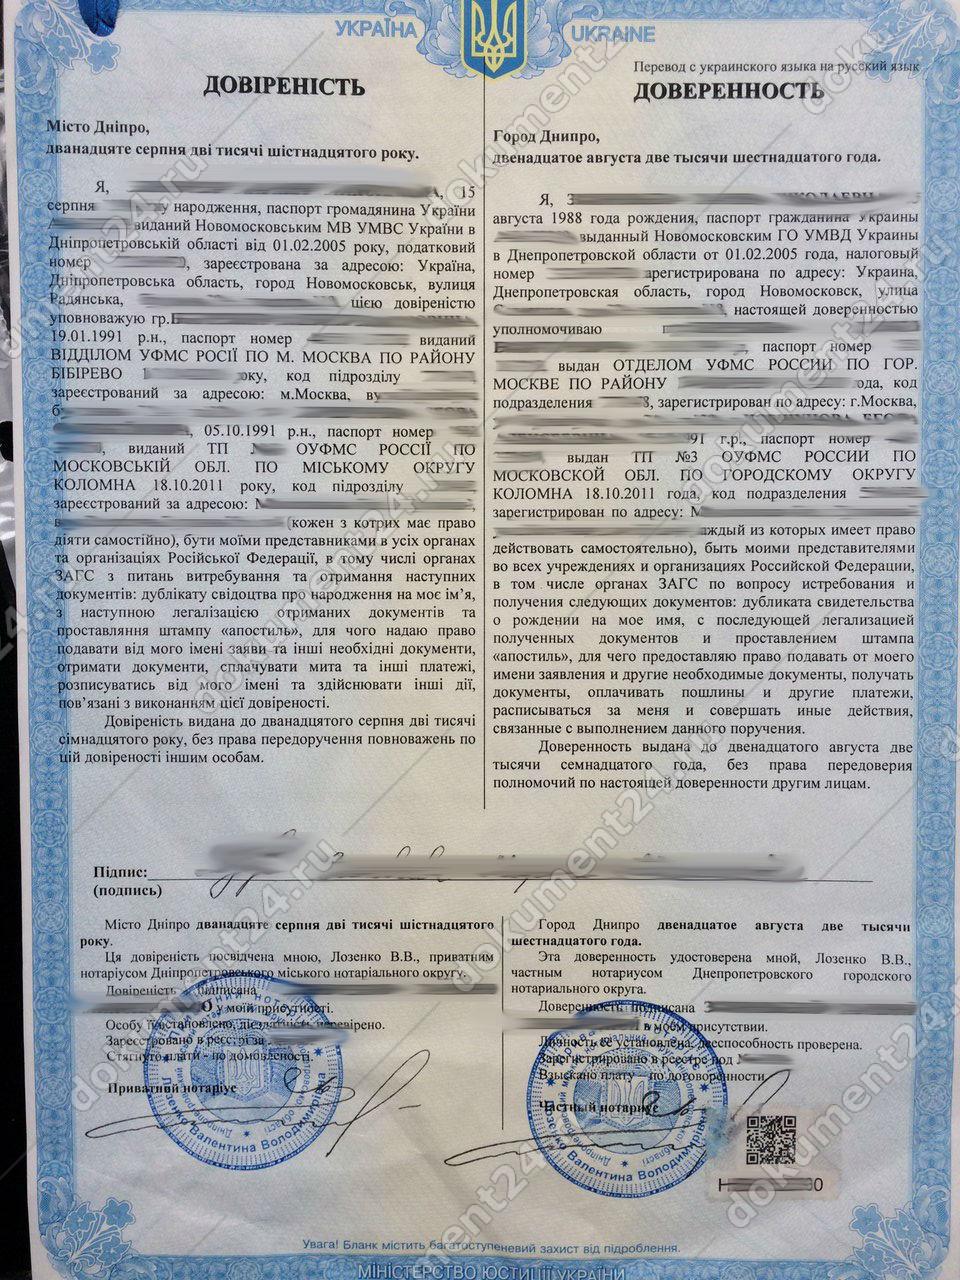 Украина как оформить доверенность находясь за границей